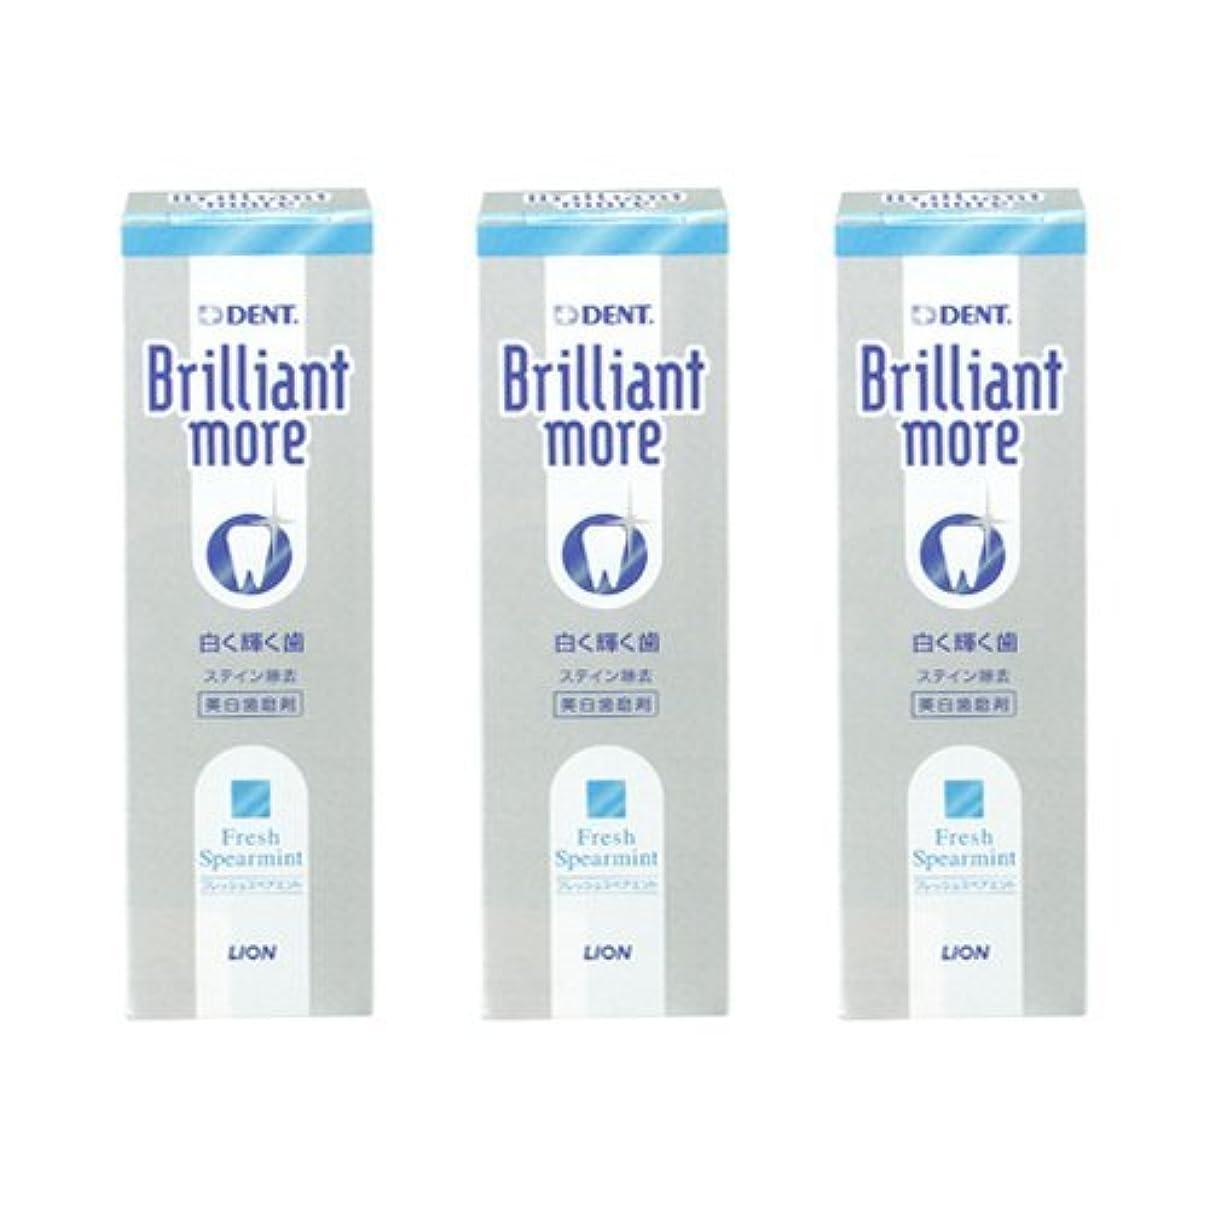 推論可動式教ライオン ブリリアントモア フレッシュスペアミント 3本セット 美白歯磨剤 LION Brilliant more